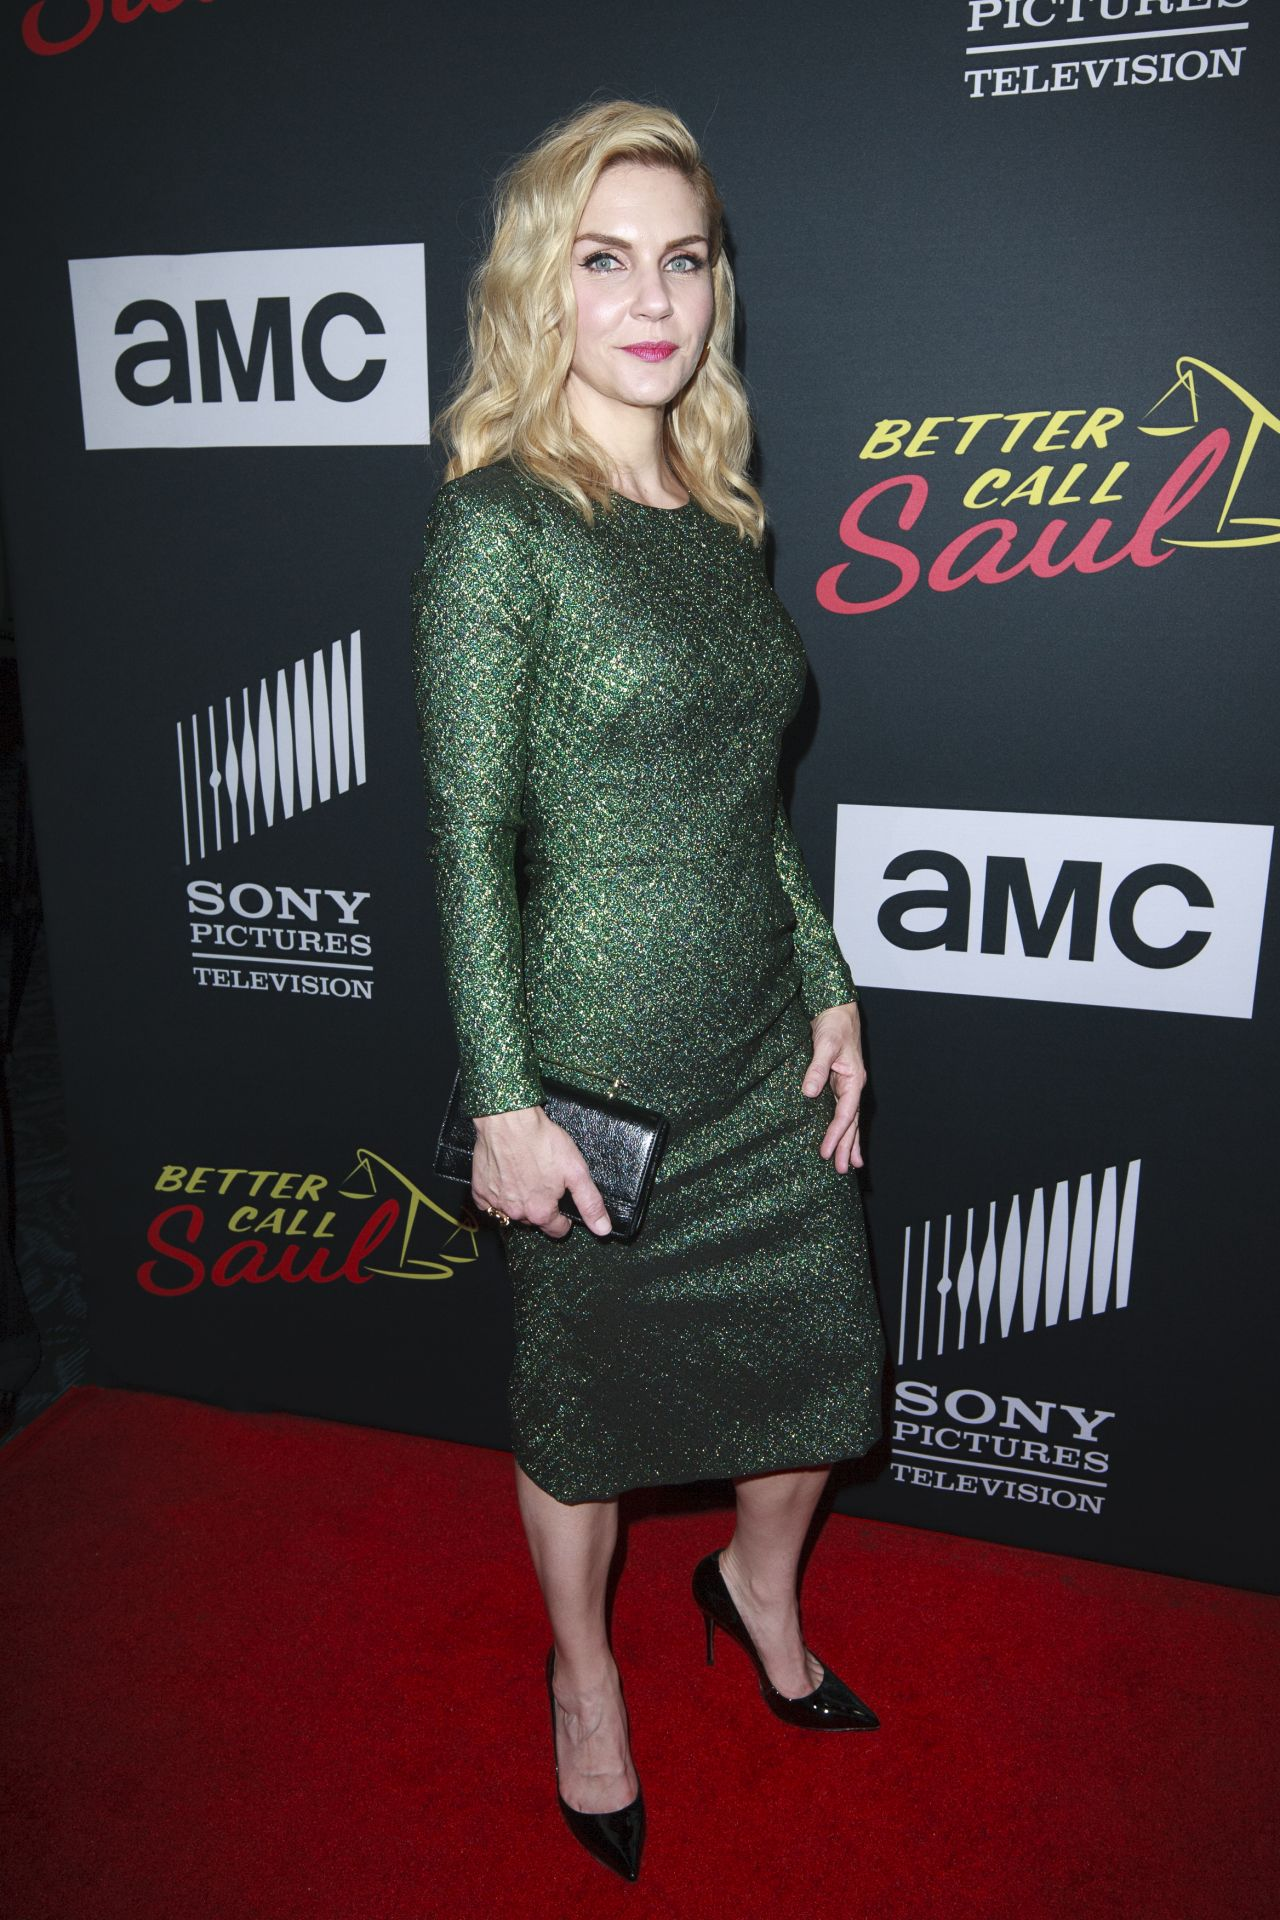 Rhea Seehorn Better Call Saul Season 4 Premiere At